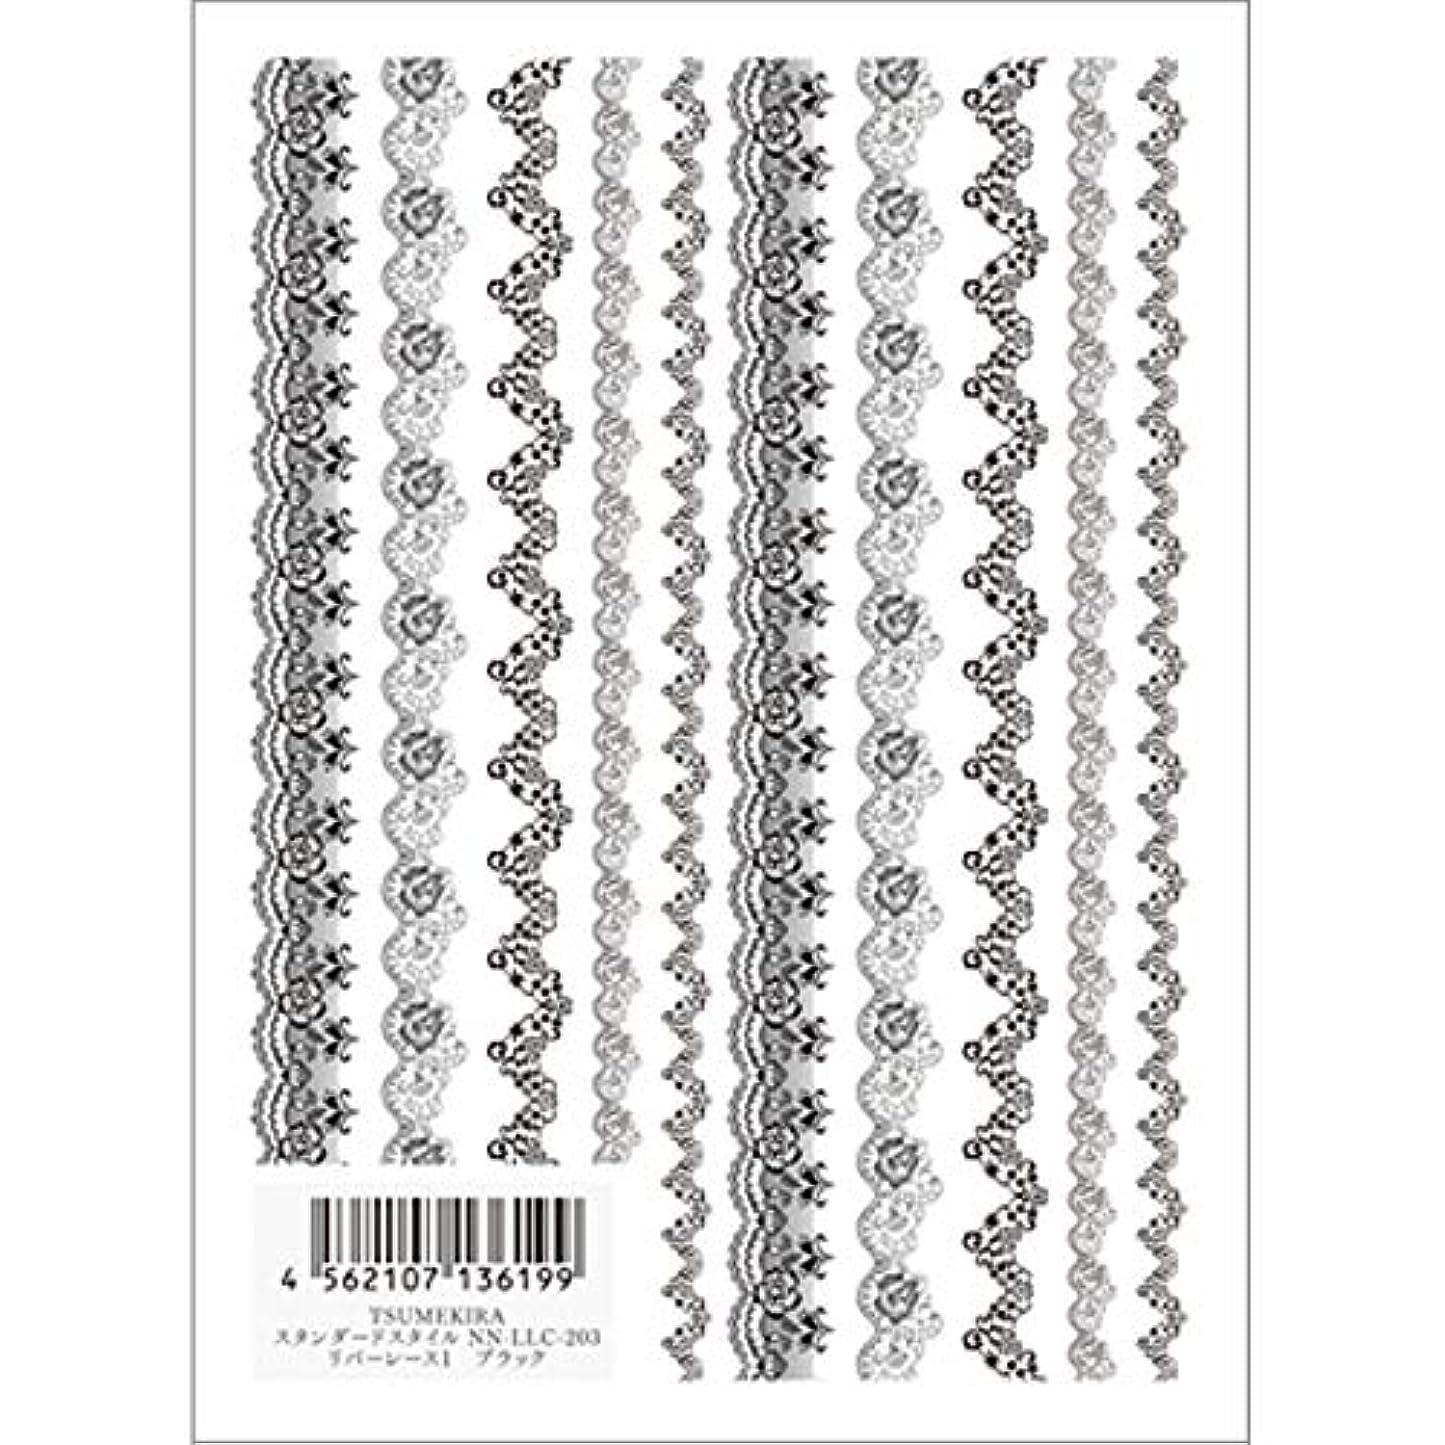 指紋ハードおもちゃツメキラ(TSUMEKIRA) ネイル用シール リバーレース1 ブラック NN-LLC-203